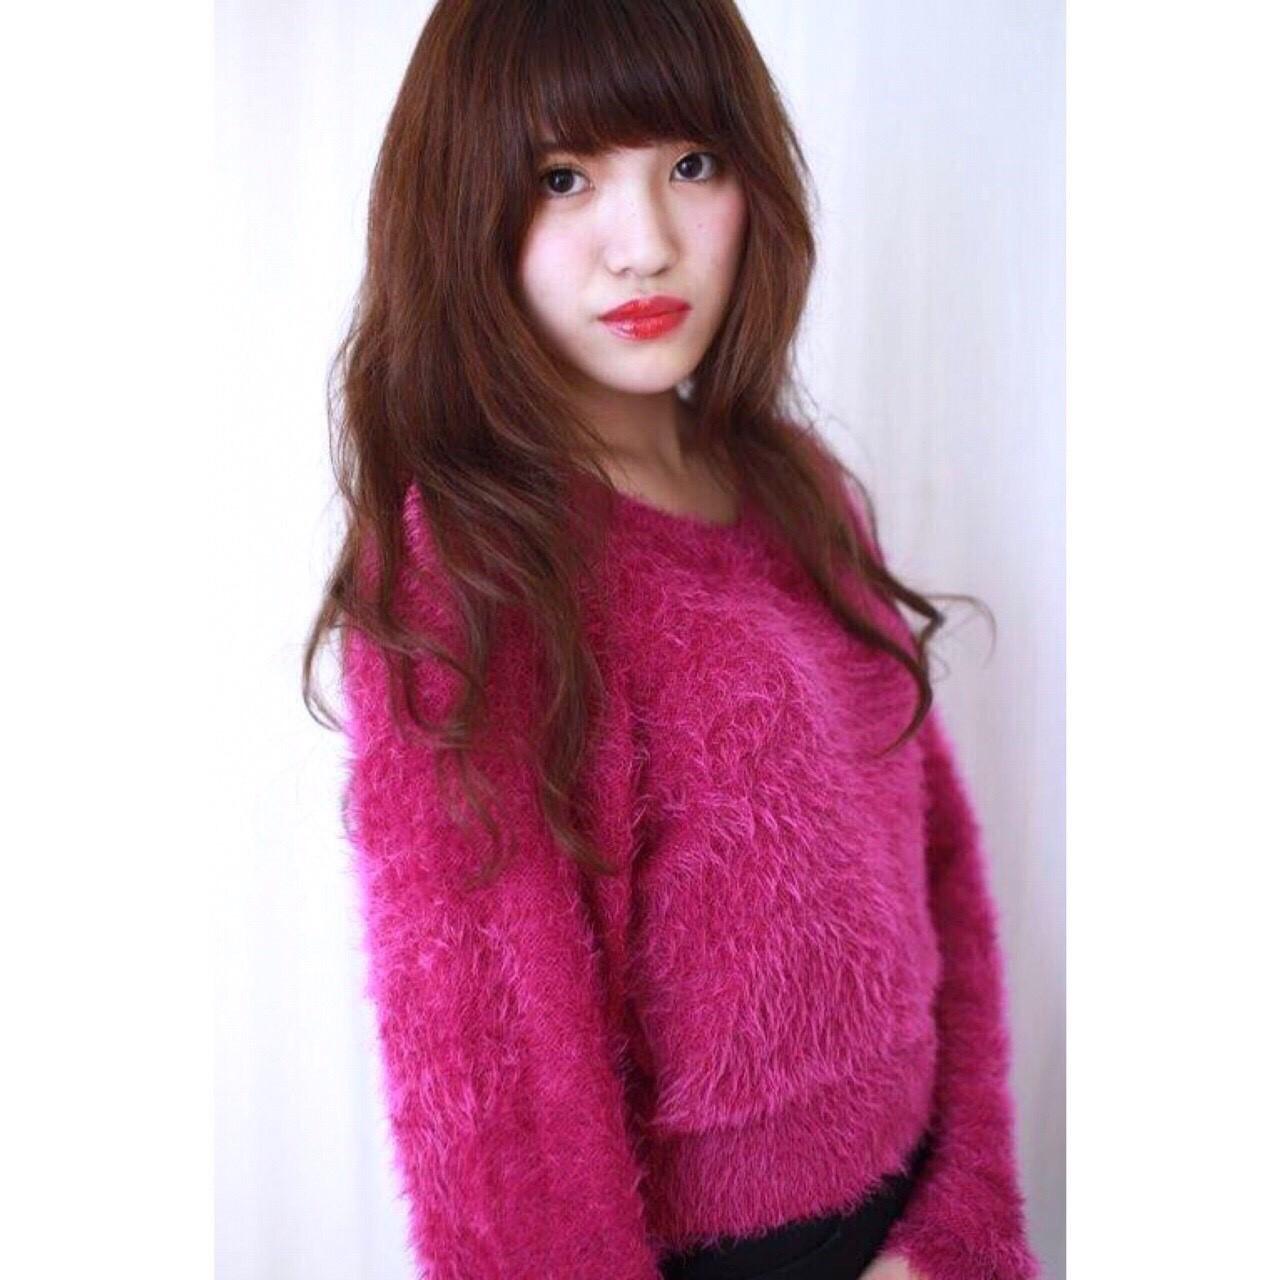 ロング ラフ パーマ ナチュラル ヘアスタイルや髪型の写真・画像 | Yumi Hiramatsu / Sourire Imaizumi【スーリール イマイズミ】